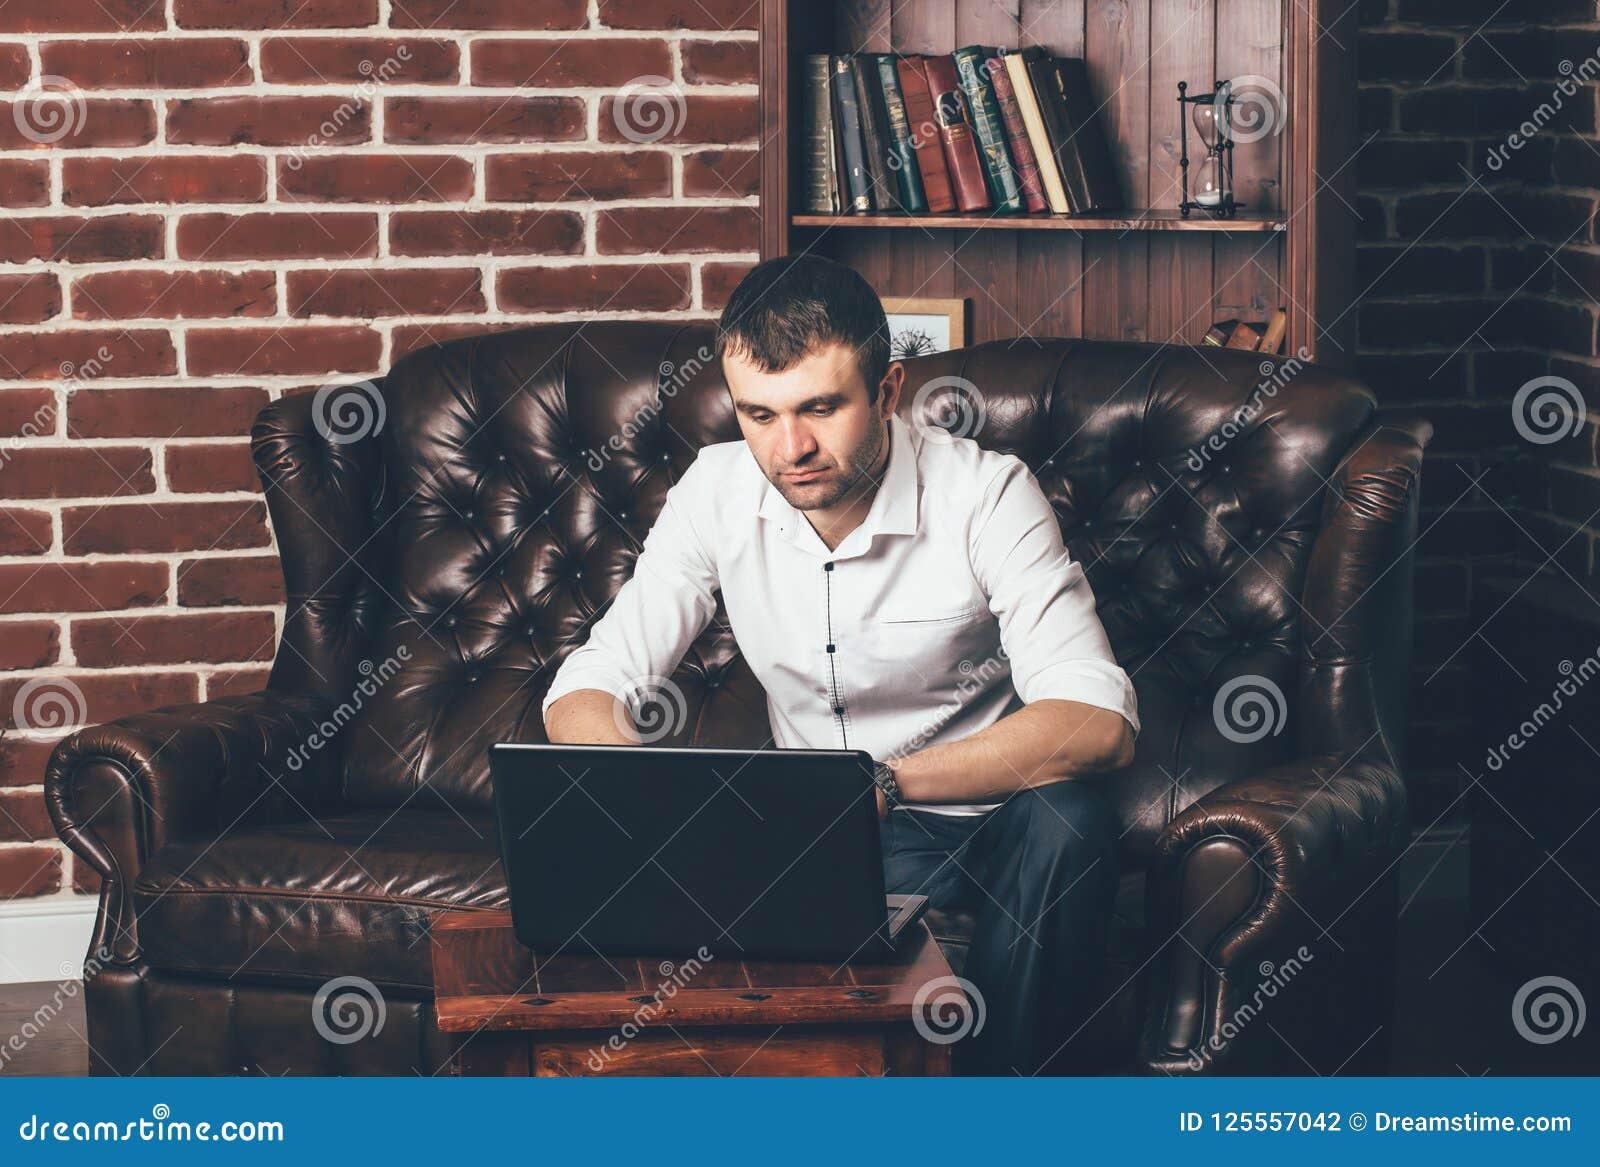 Mężczyzna siedzi na luksusowej kanapie i pracuje za laptopem w jego biurze na tle półka na książki